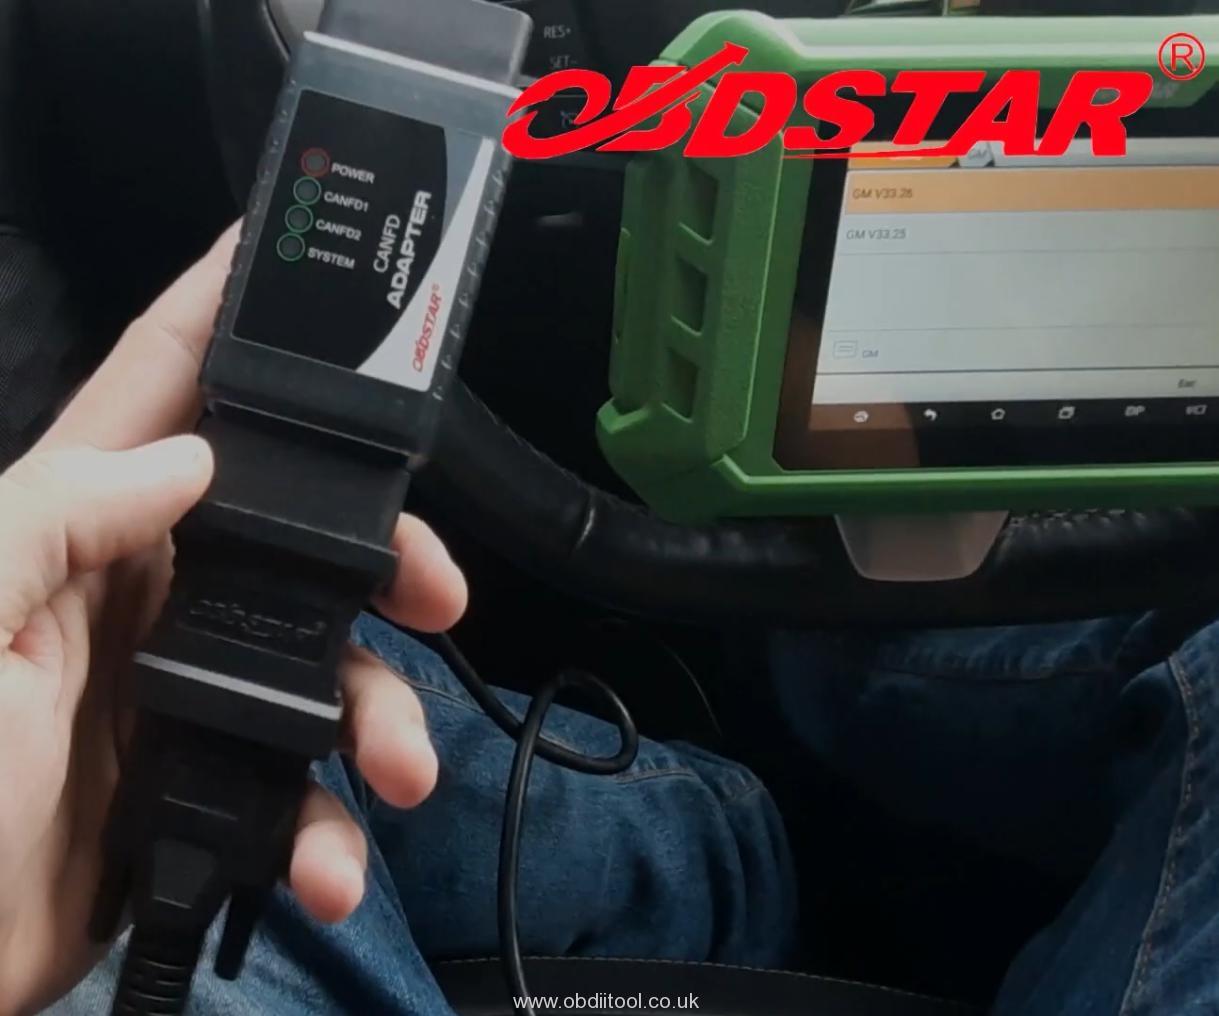 Obdstar X300 Pro4 Program Chevrolet 4a Chip Smart Key Akl 1